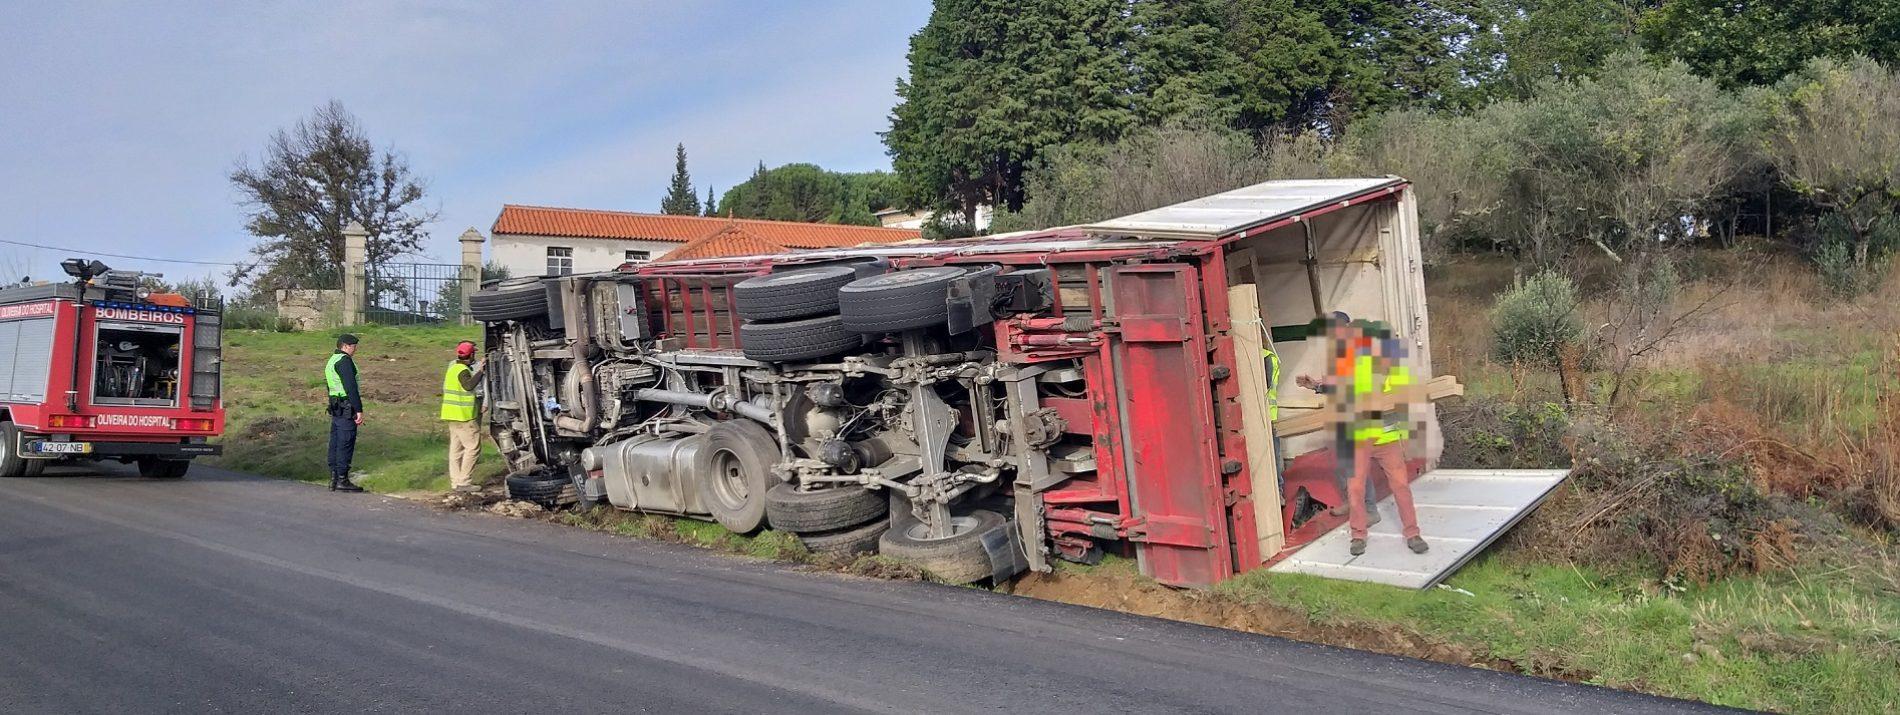 Acidente com veículo pesado provoca um ferido ligeiro no concelho de Oliveira do Hospital